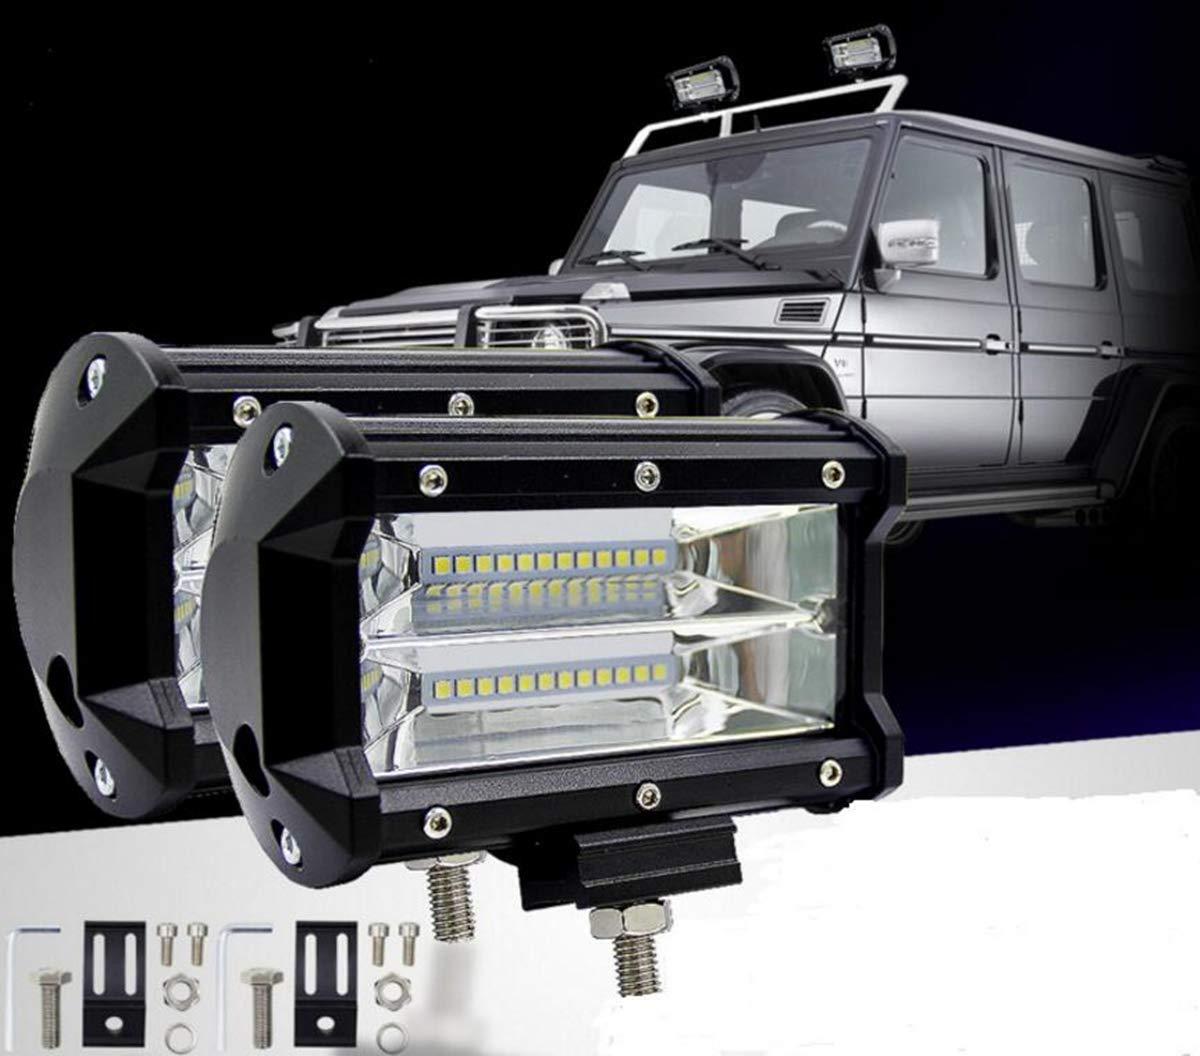 Zhiteyou (2 Stü ck) 5Inch 72W Zwei Reihen LED Light Bar Modifiziert Off-Road-Leuchten Dach Leuchte Bar